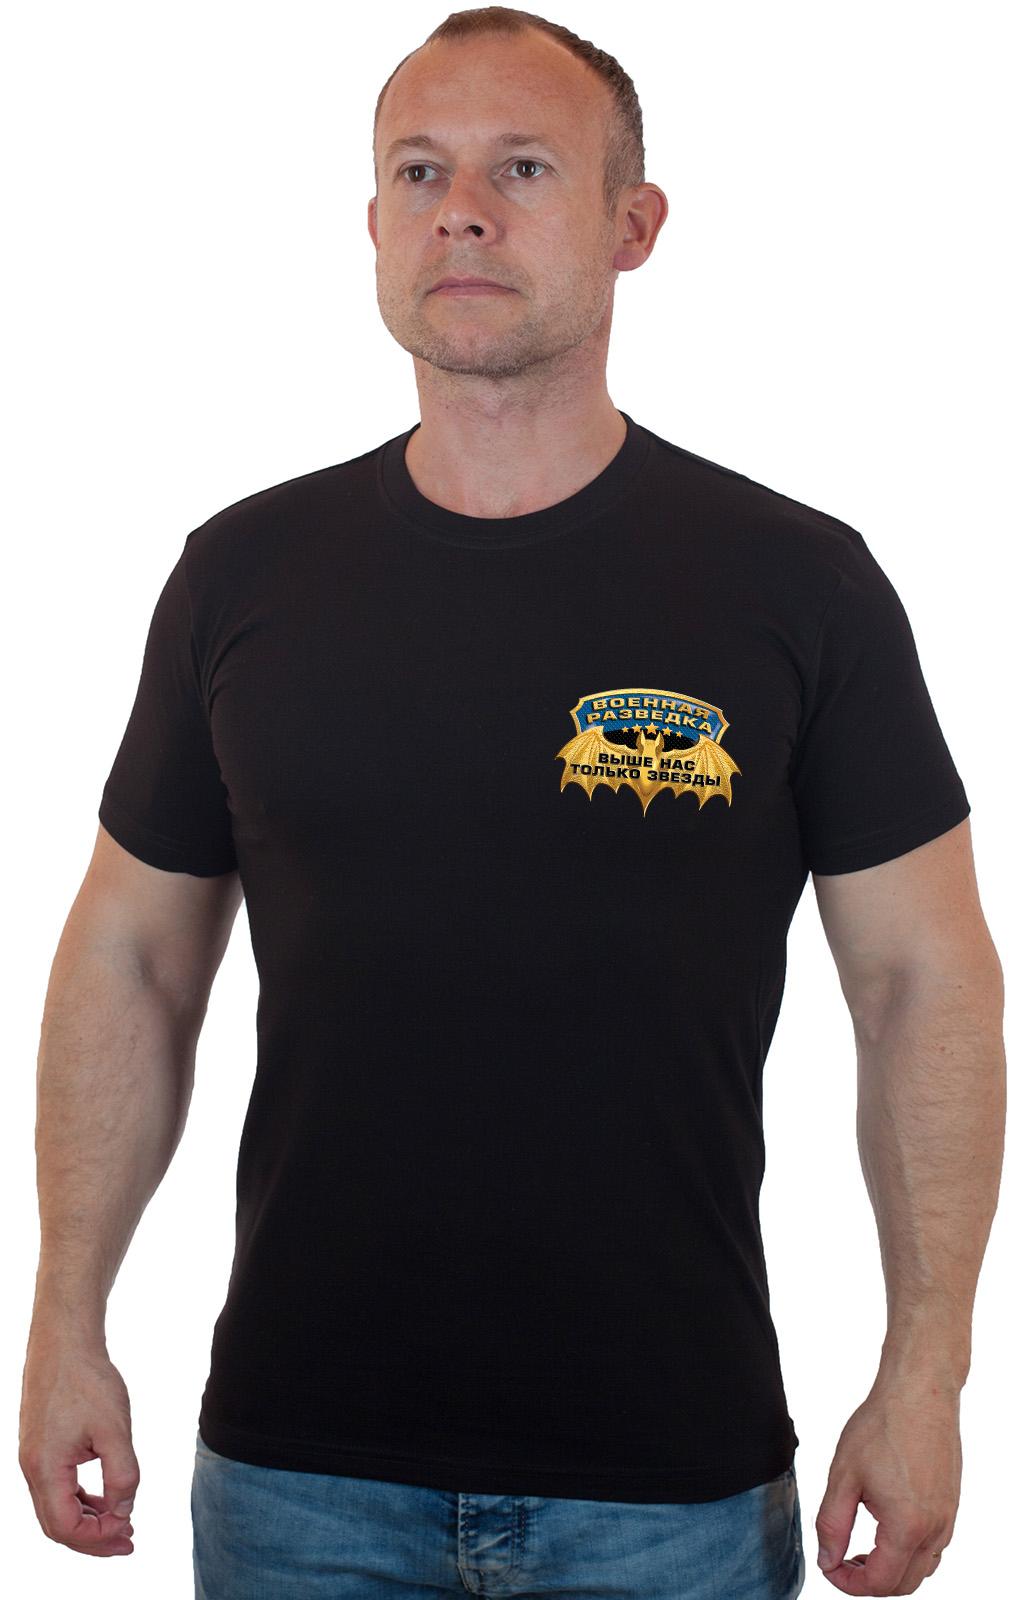 Купить футболку военному разведчику Выше нас только звезды по лучшей цене